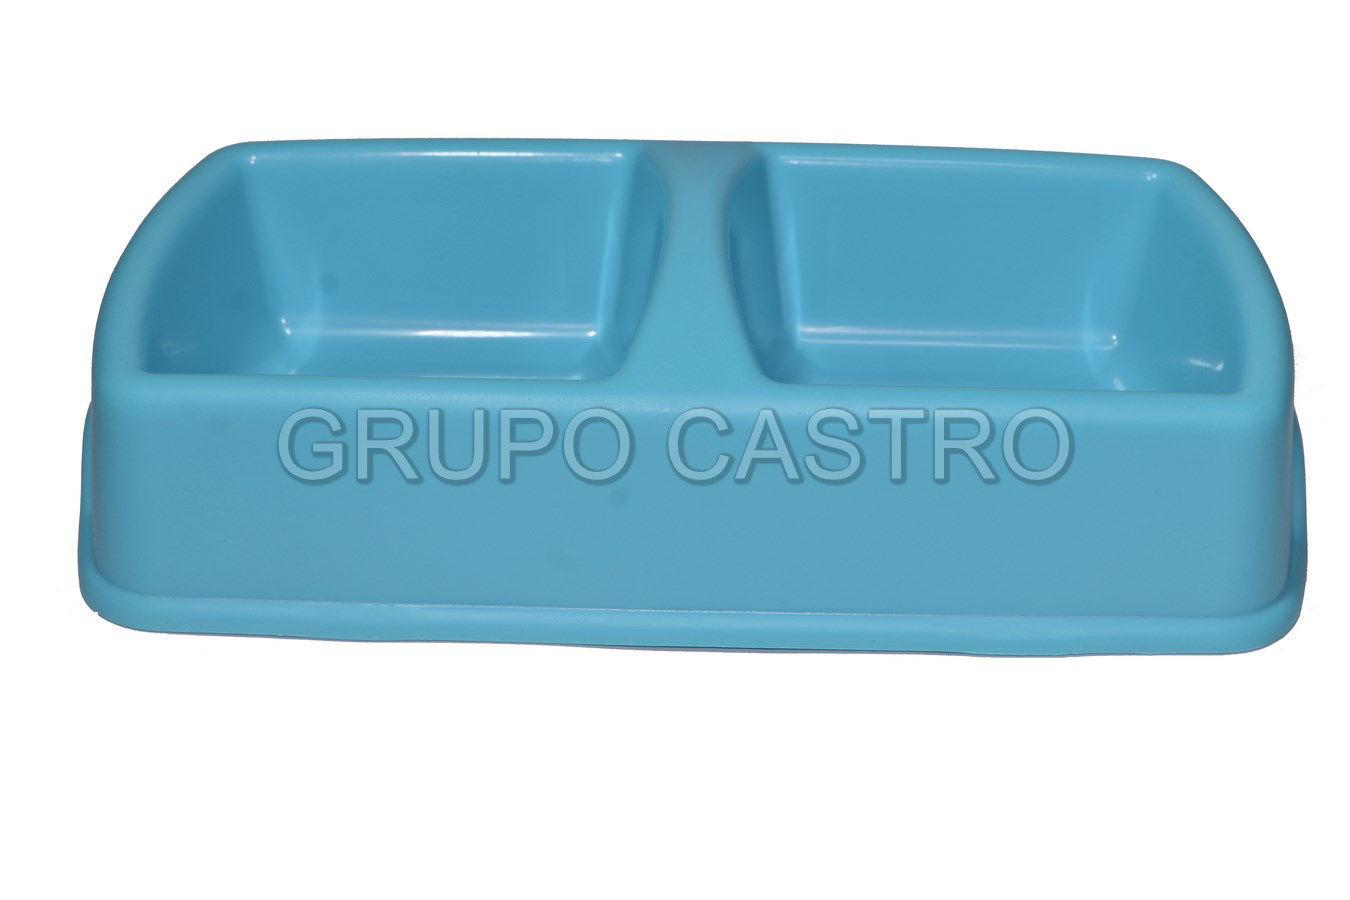 Foto de PLATO MASCOTA 28X15CMS MX-426 DOBLE COMPARTIMIENTO PLASTICO